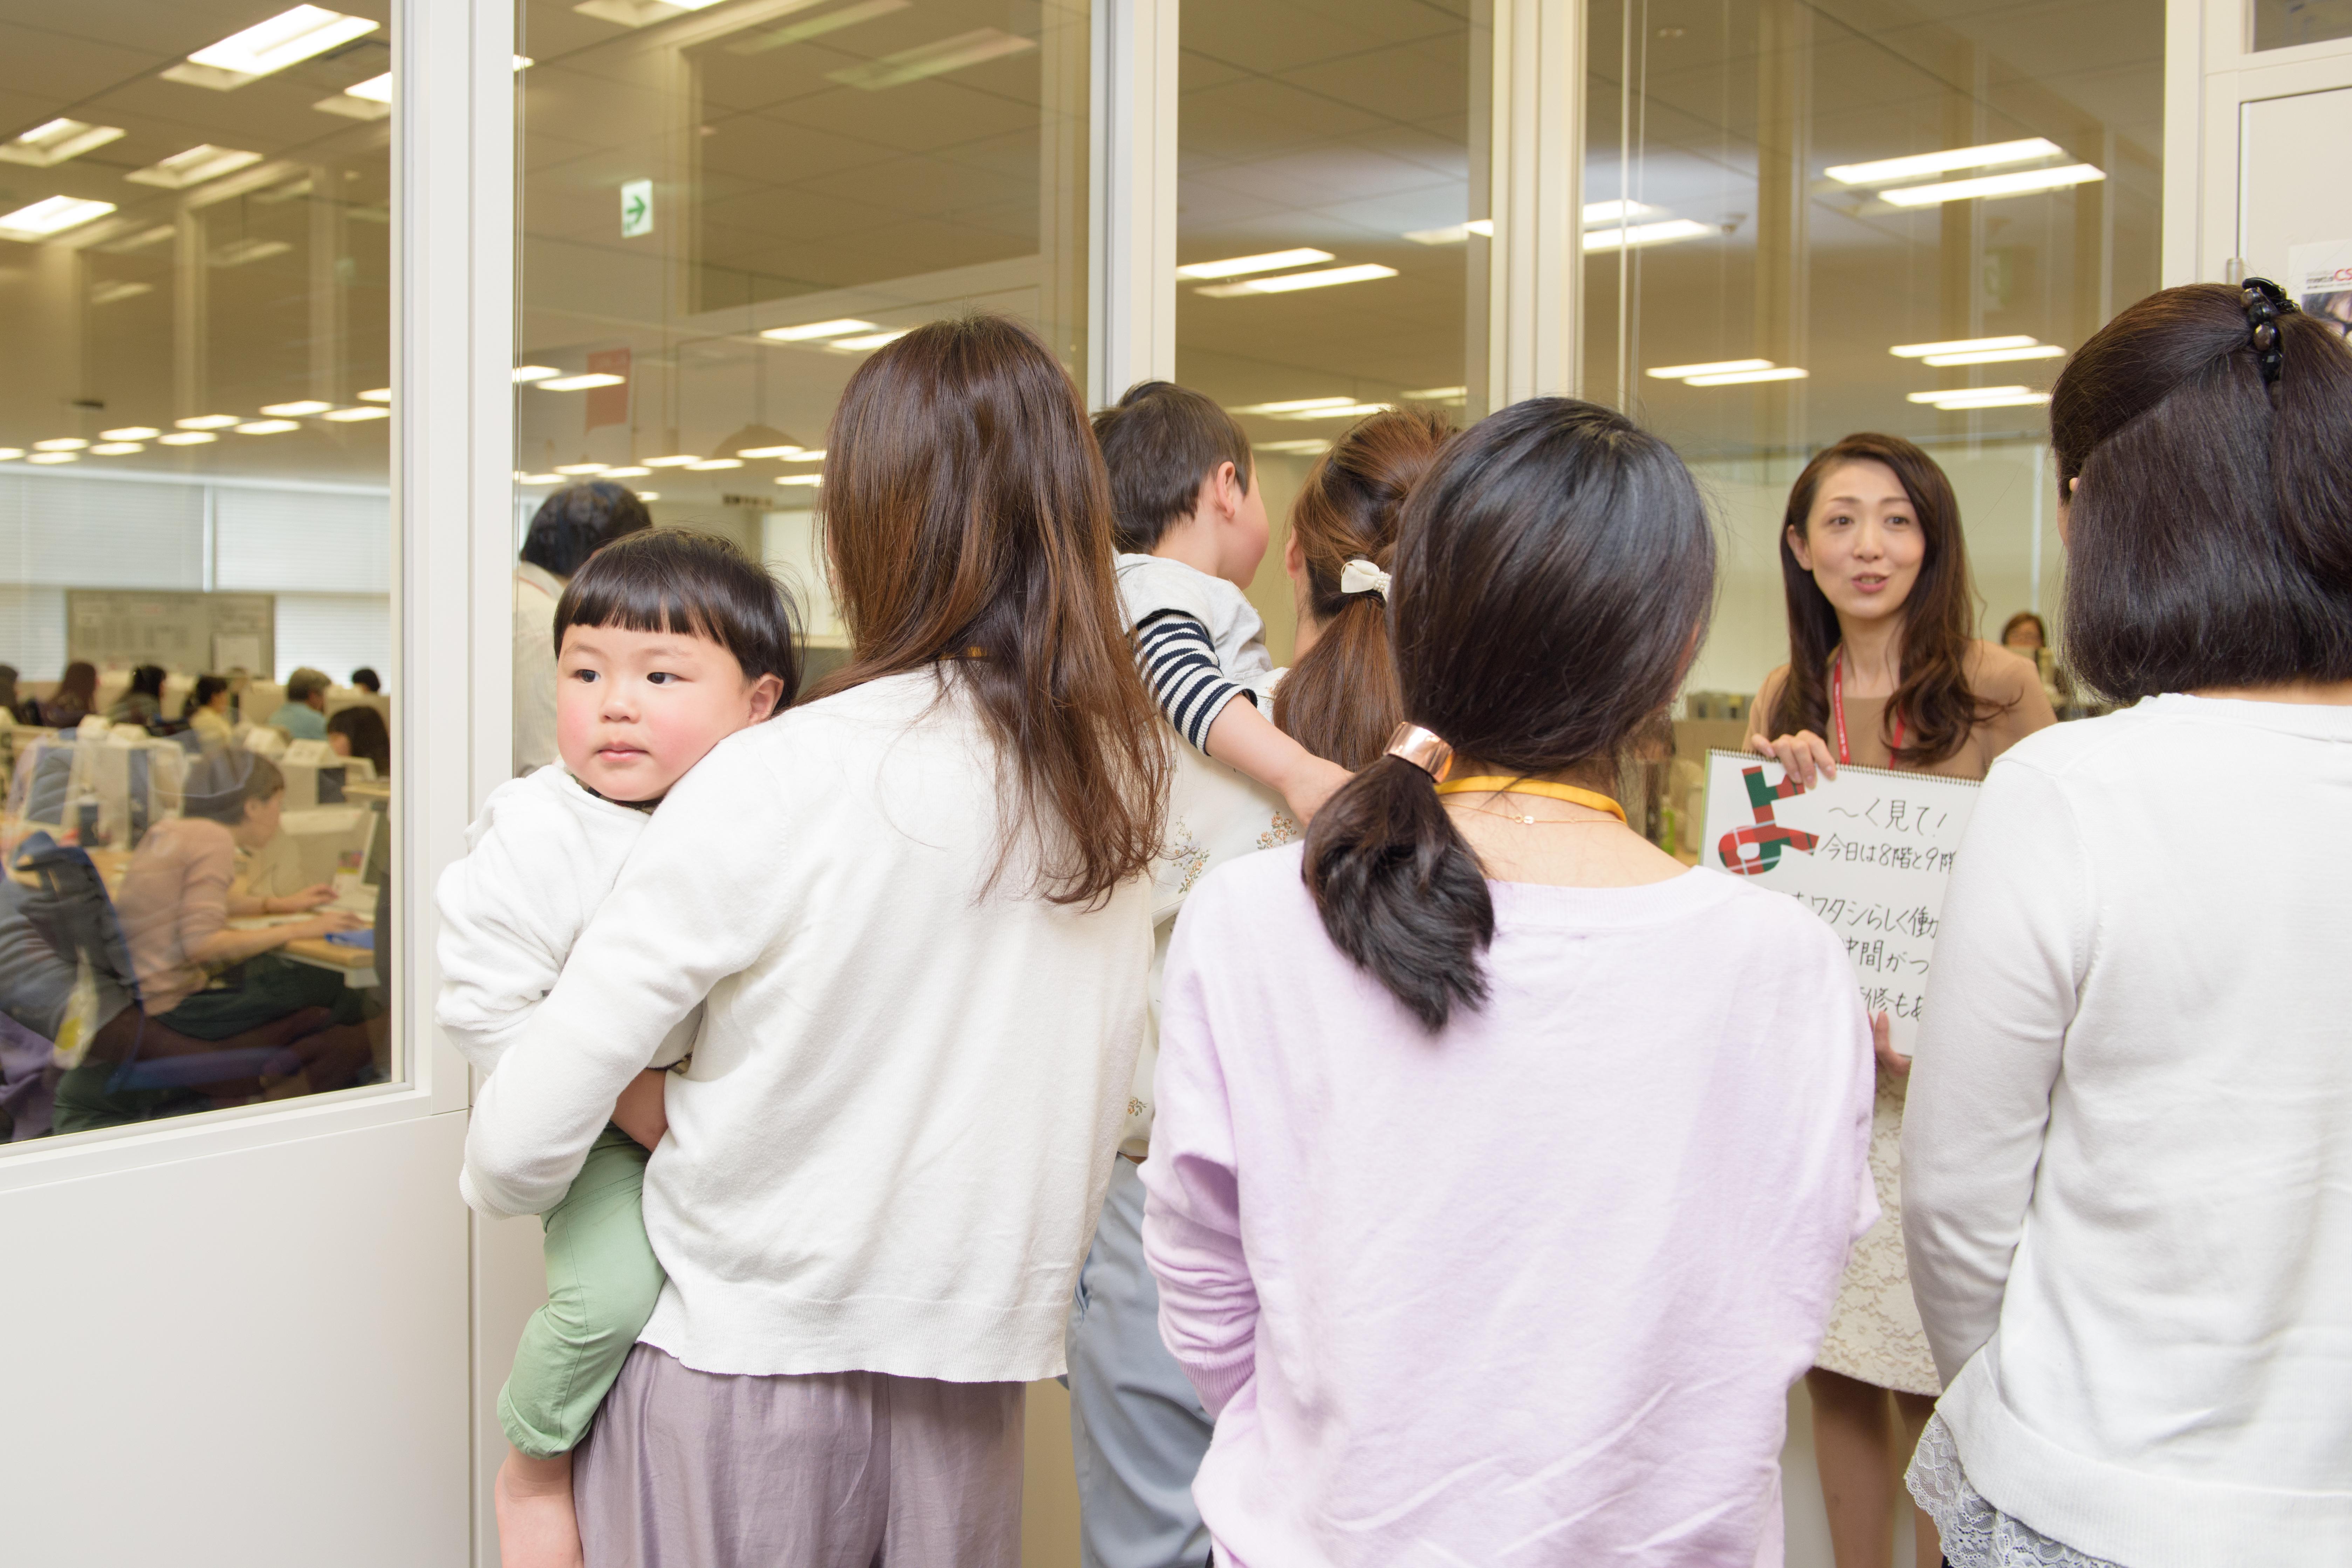 説明会で見学をする参加者たち。子どもを抱っこする参加者の姿も。